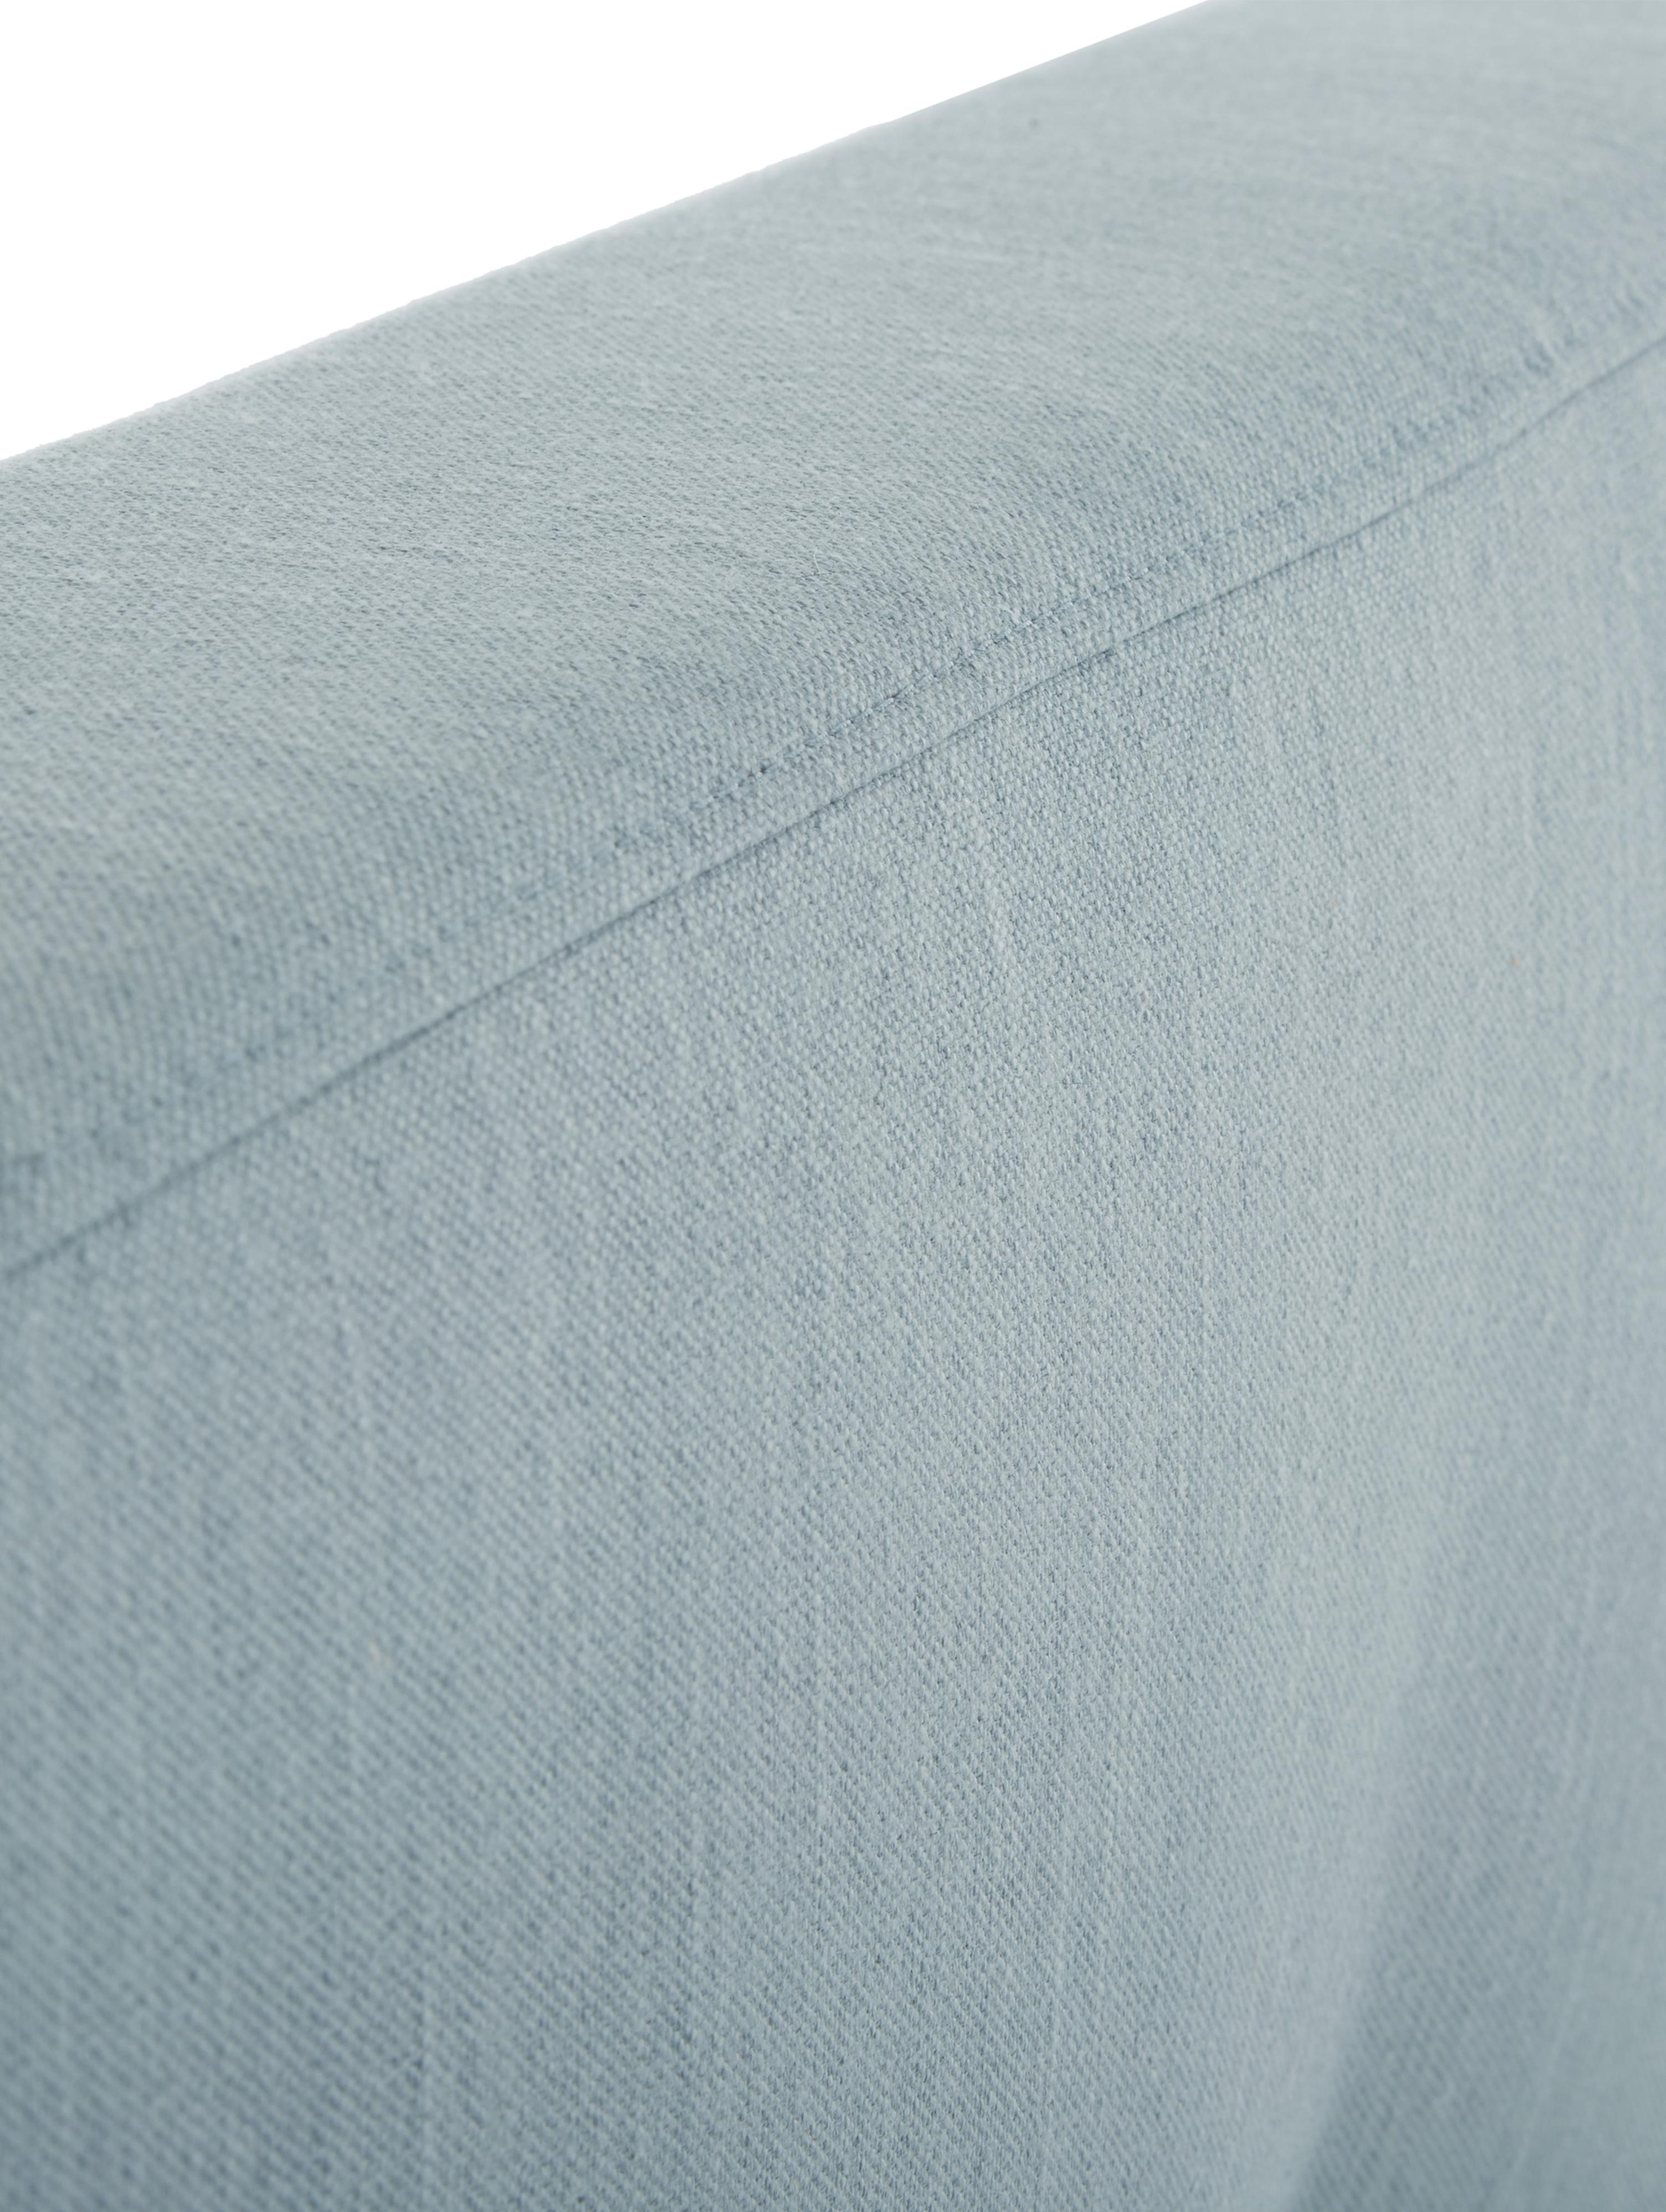 Letto matrimoniale imbottito Moon, Piedini: legno di quercia massicci, Rivestimento: Poliestere (tessuto strut, Azzurro, Larg. 180 x Lung. 200 cm